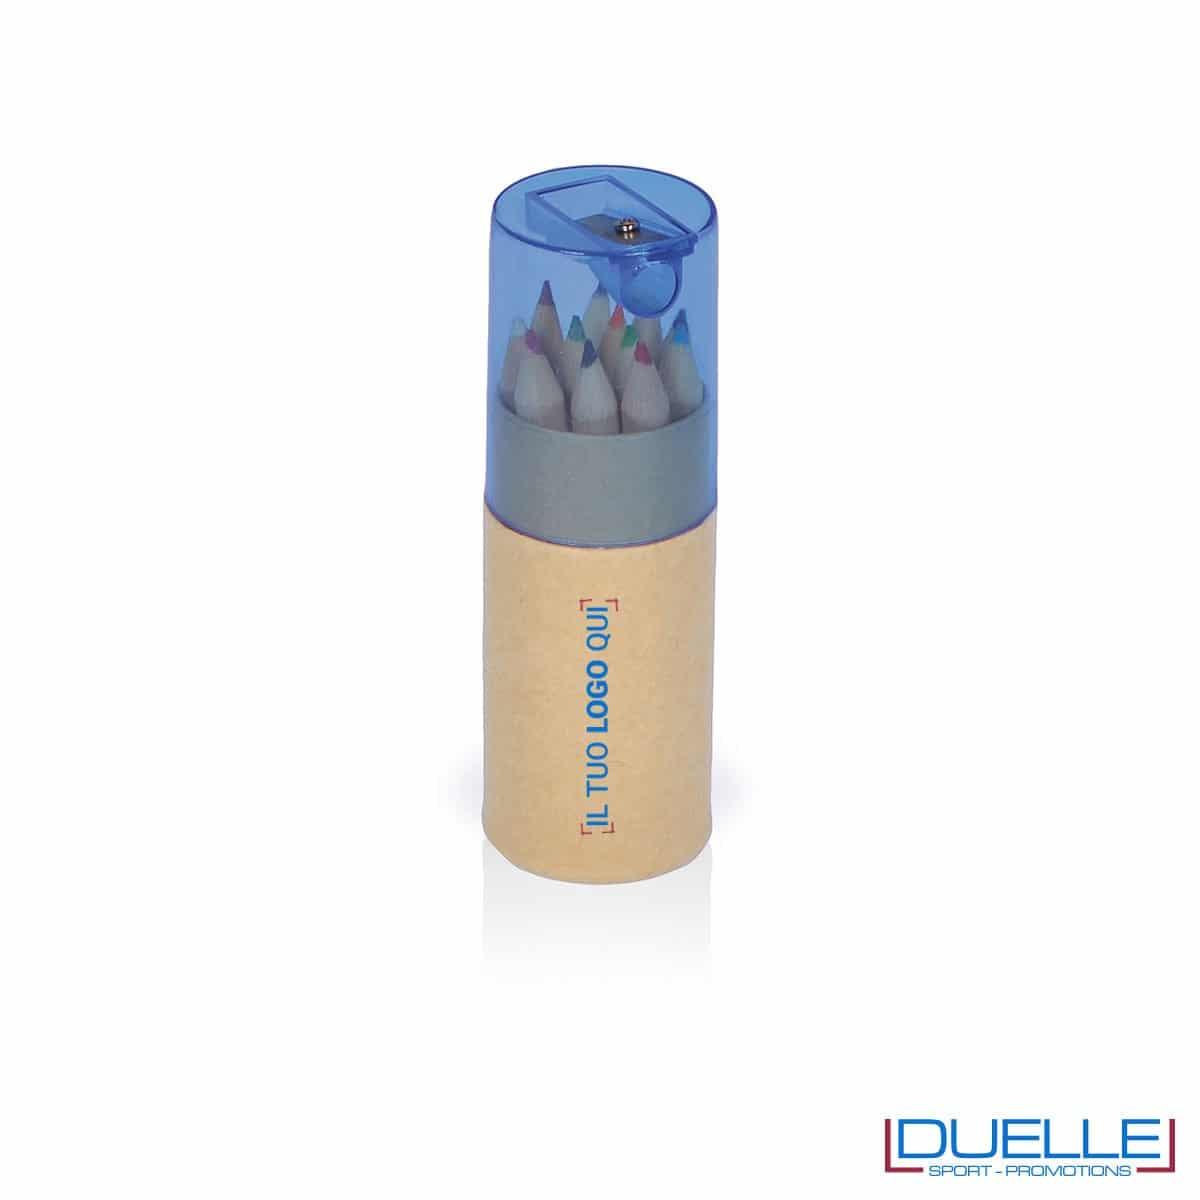 set personalizzabile di 12 matitine colorate 100% cartone riciclato con temperamatite blu incluso nel cappuccio